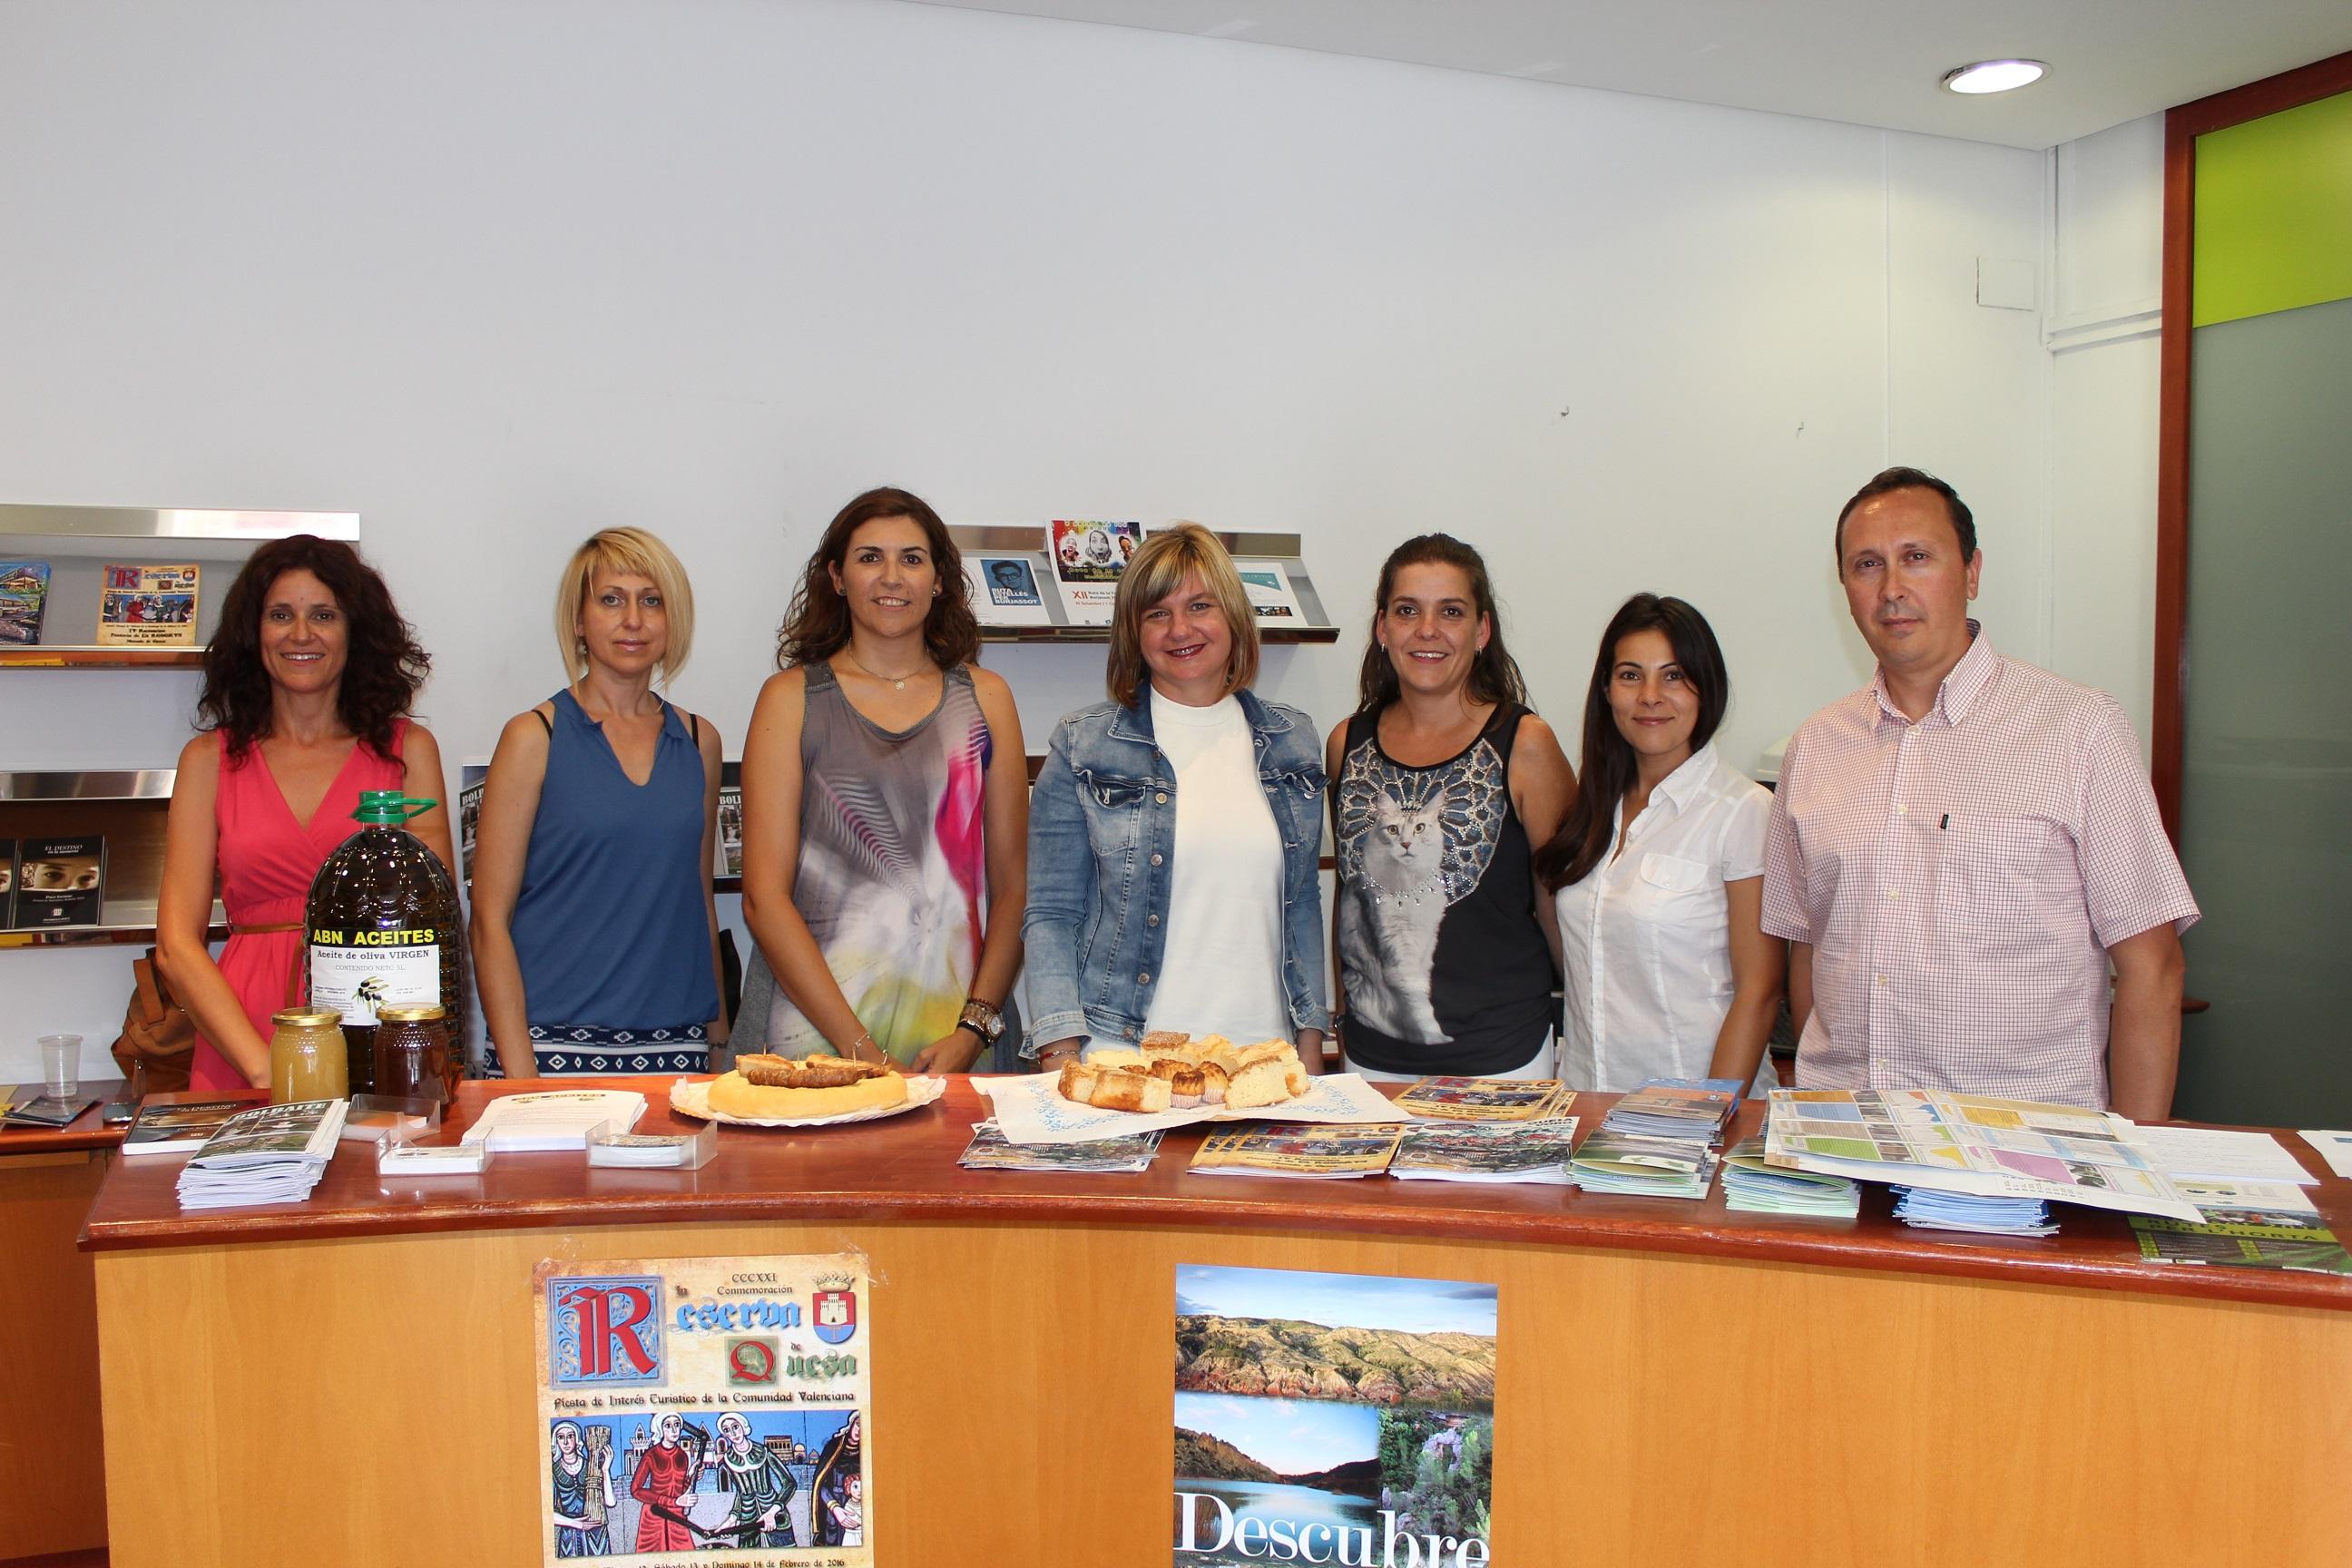 València Turisme promociona el turismo patrimonial, natural y gastronómico de Quesa, Bolbaite y Burjassot en su oficina.